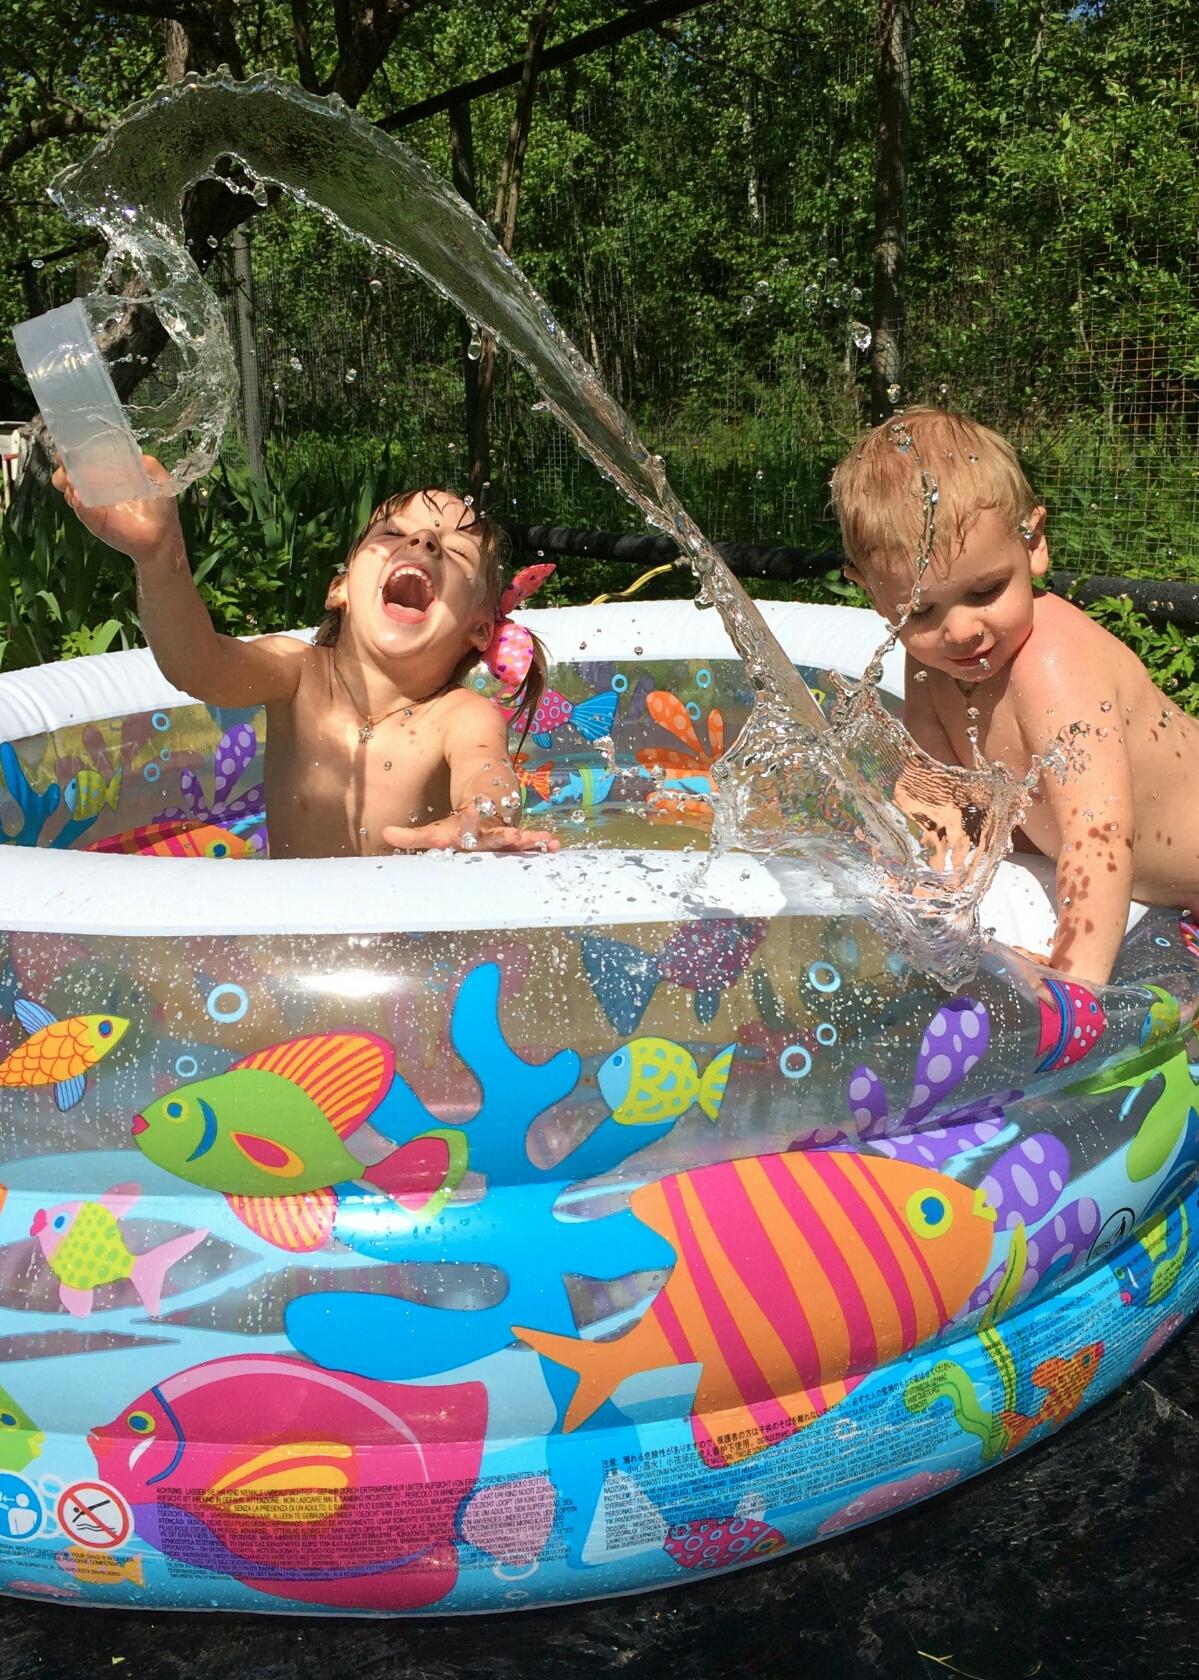 Лето, солнце и вода наши лучшие друзья